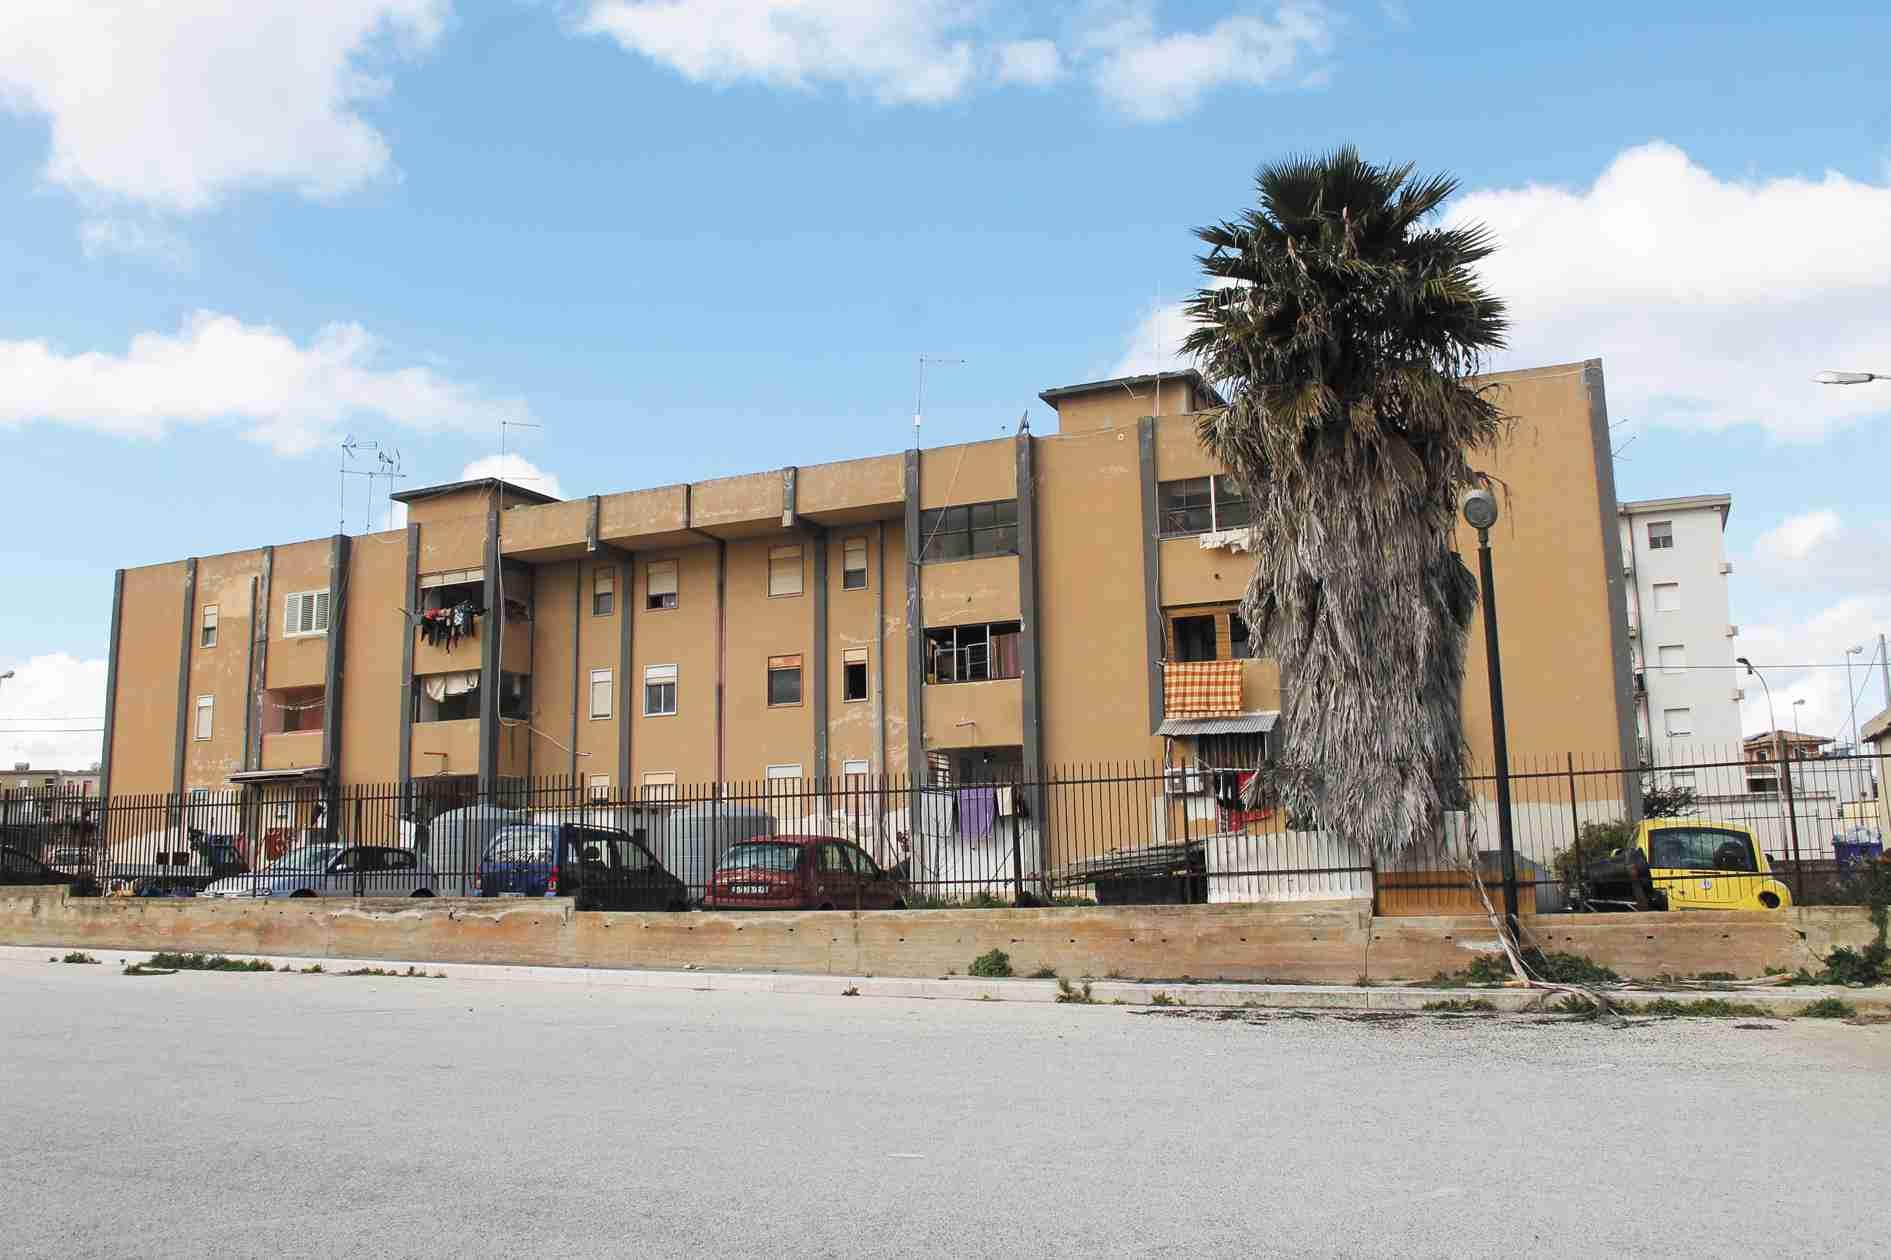 """Mancarella: """"Superbonus 110%, poste le basi per attuarlo anche agli alloggi popolari"""""""